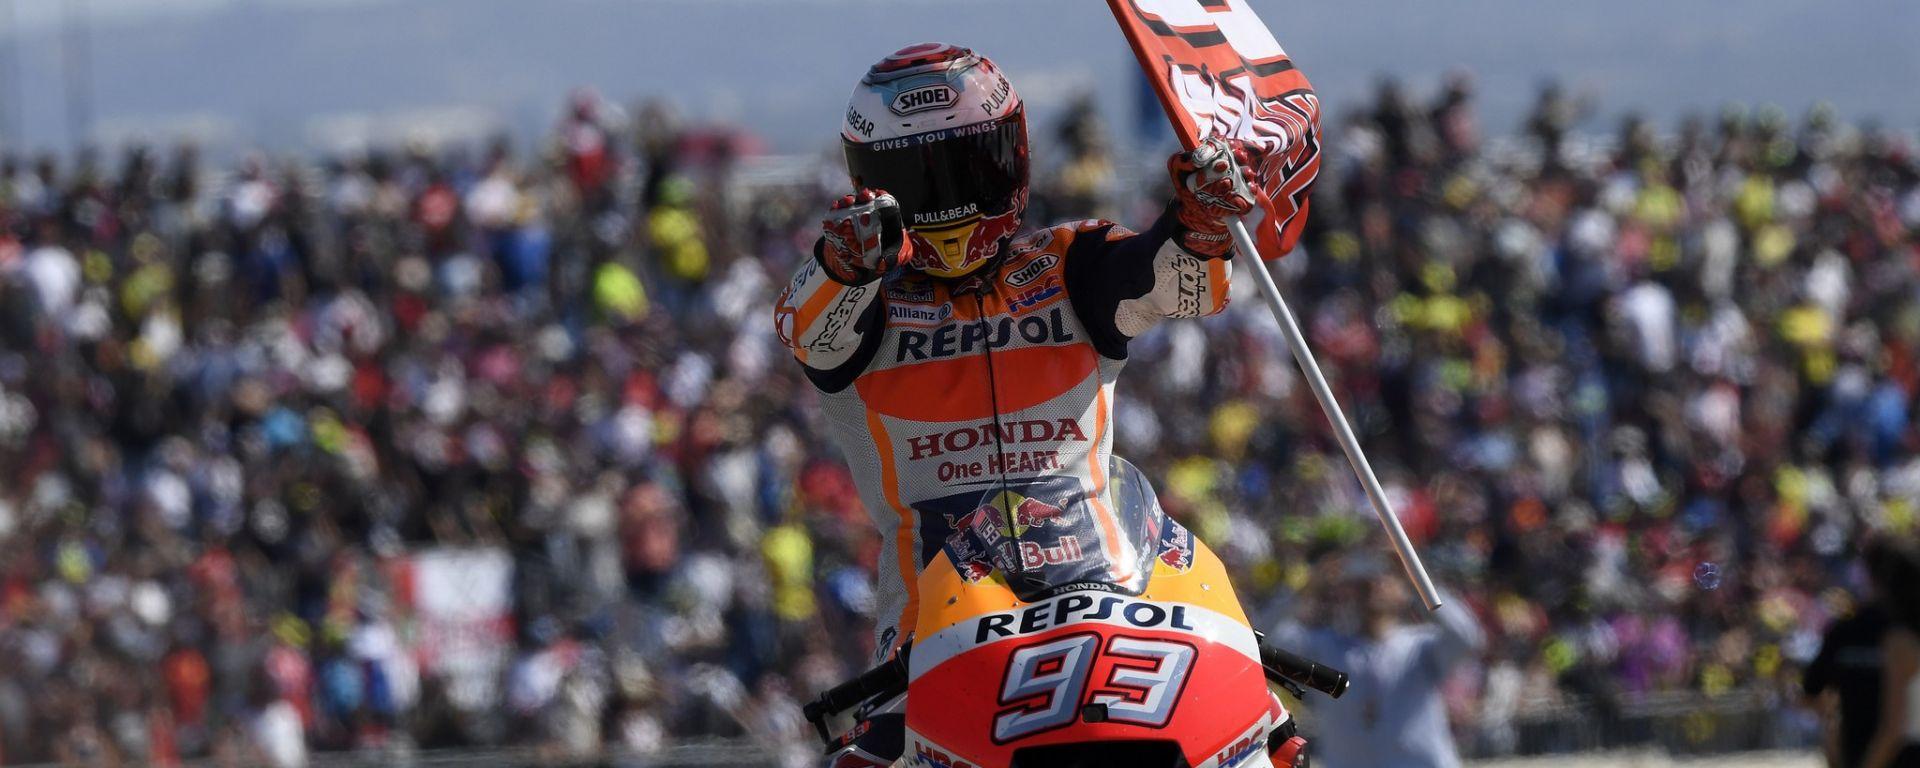 MotoGP Aragon 2017: le pagelle dal MotorLand